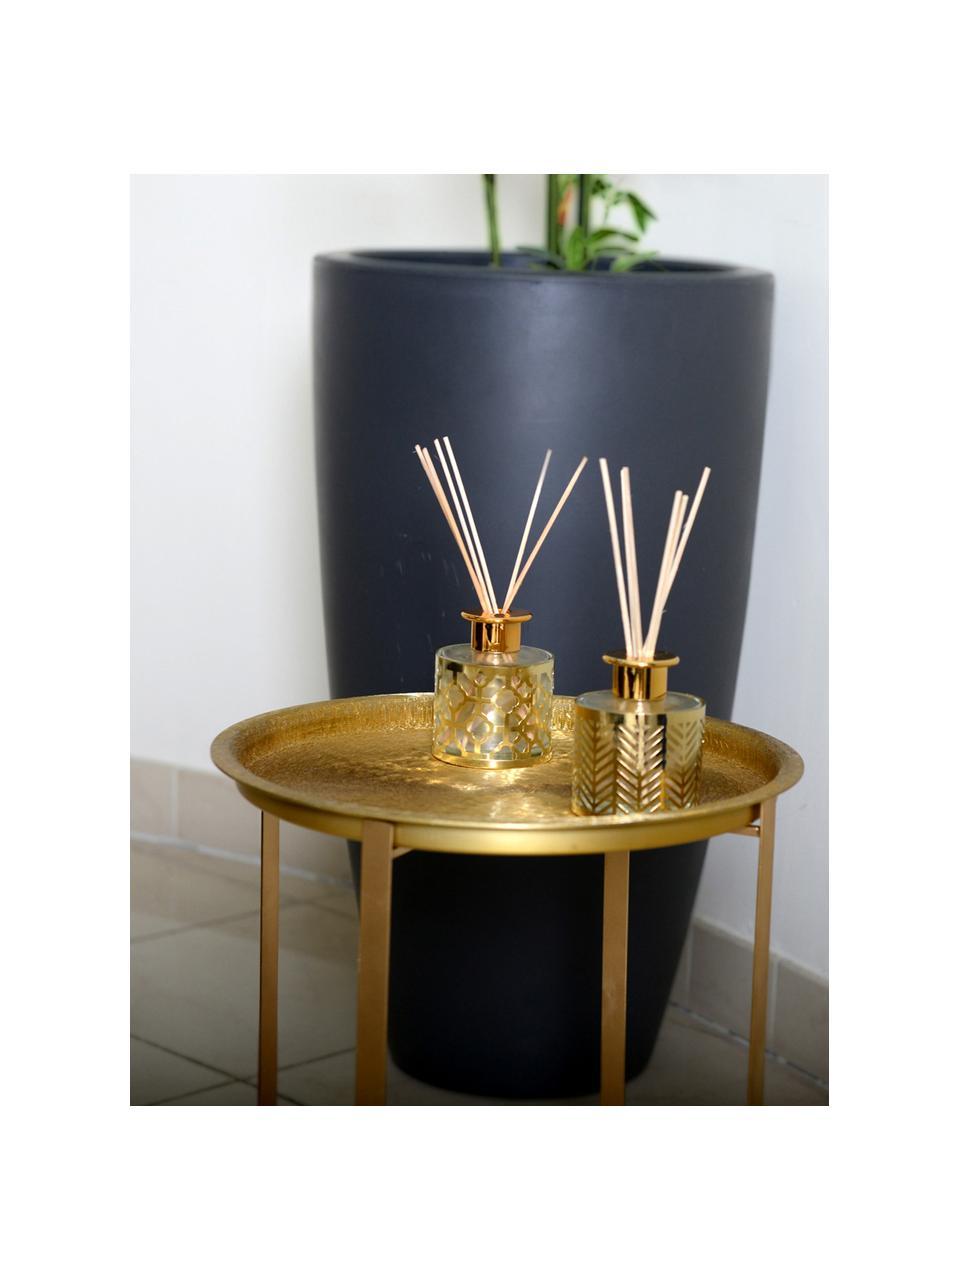 Dyfuzor Helion (wanilia), Metal, szkło, olejek,pałeczki drewno naturalne, Odcienie złotego, transparentny, Ø 9 x W 24 cm